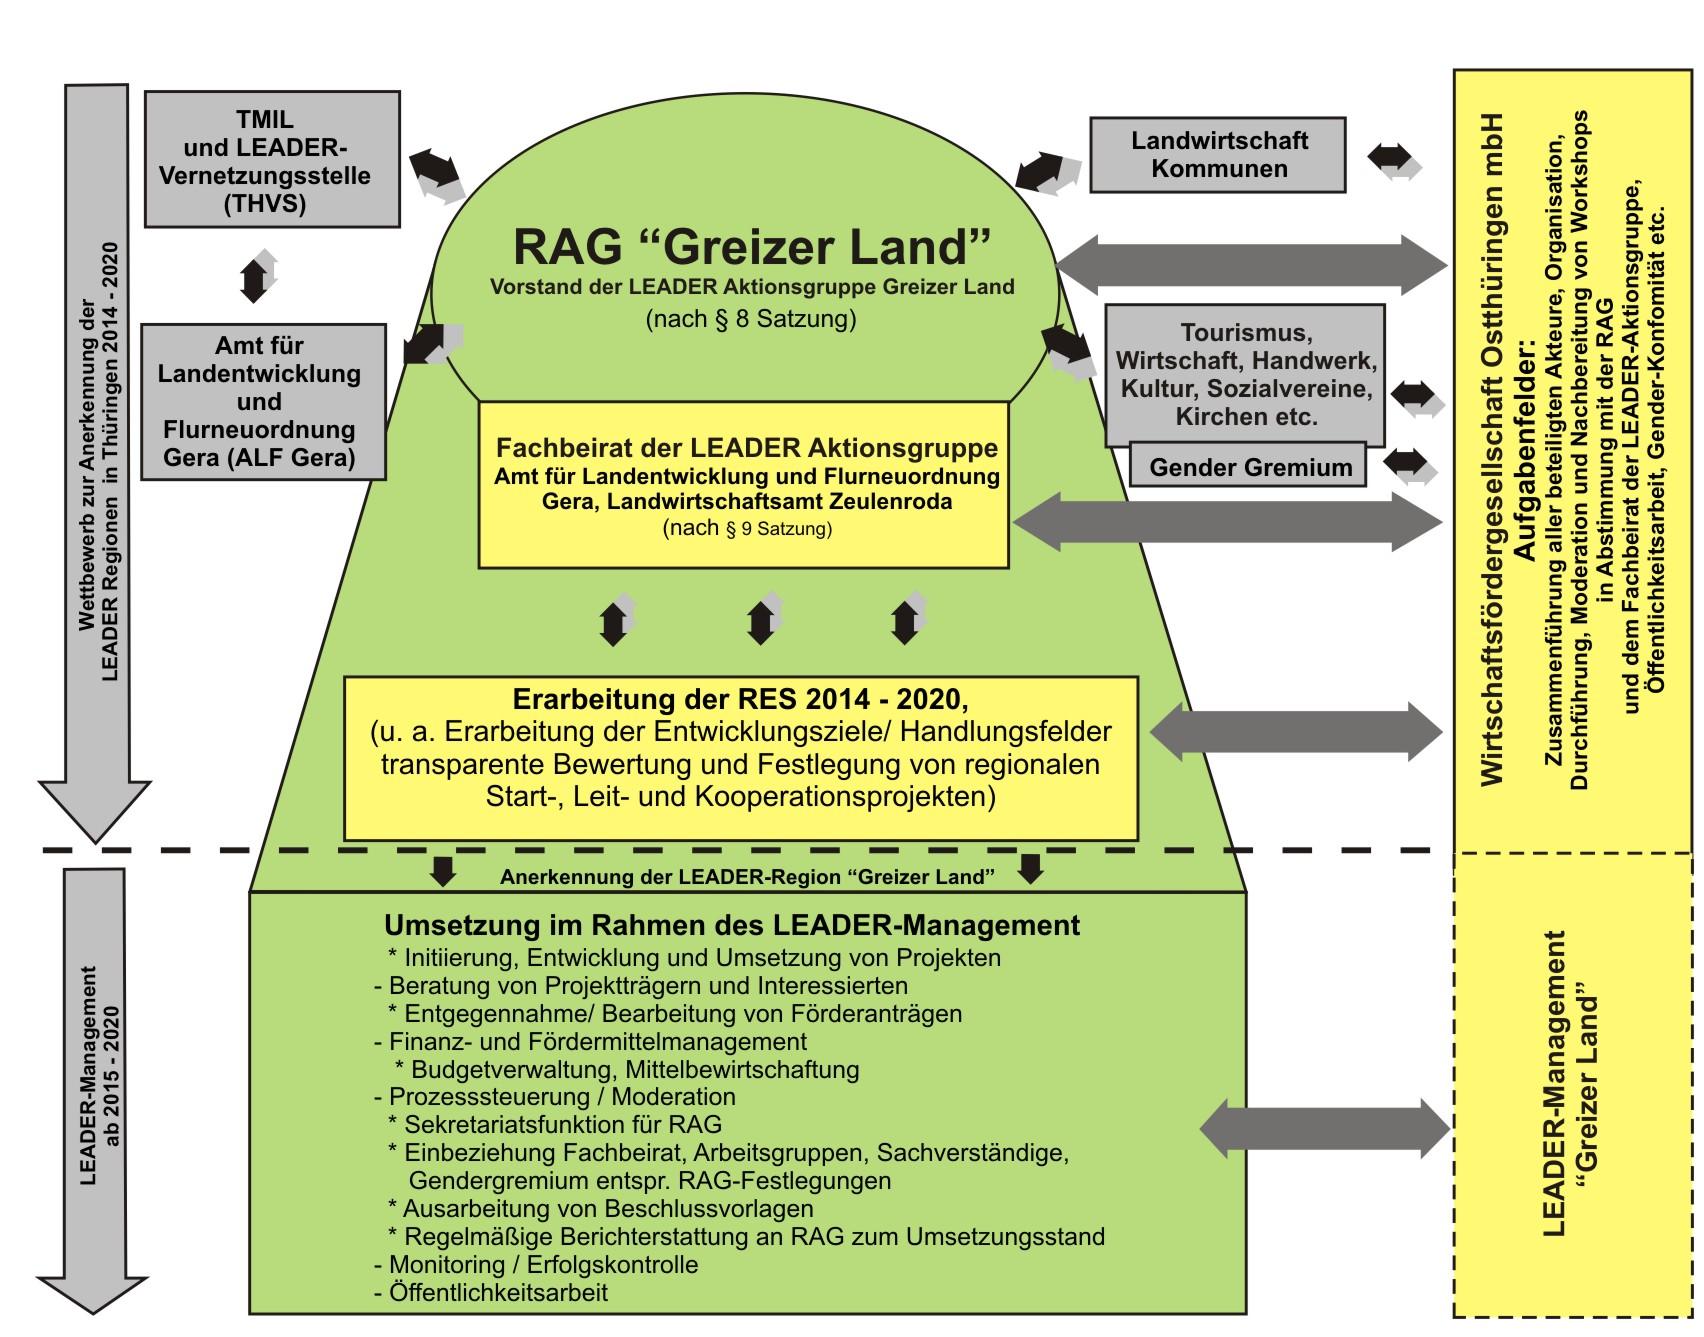 """Organisationsstruktur und Prozessorganisation der RES """"Greizer Land"""" 2014-2020"""